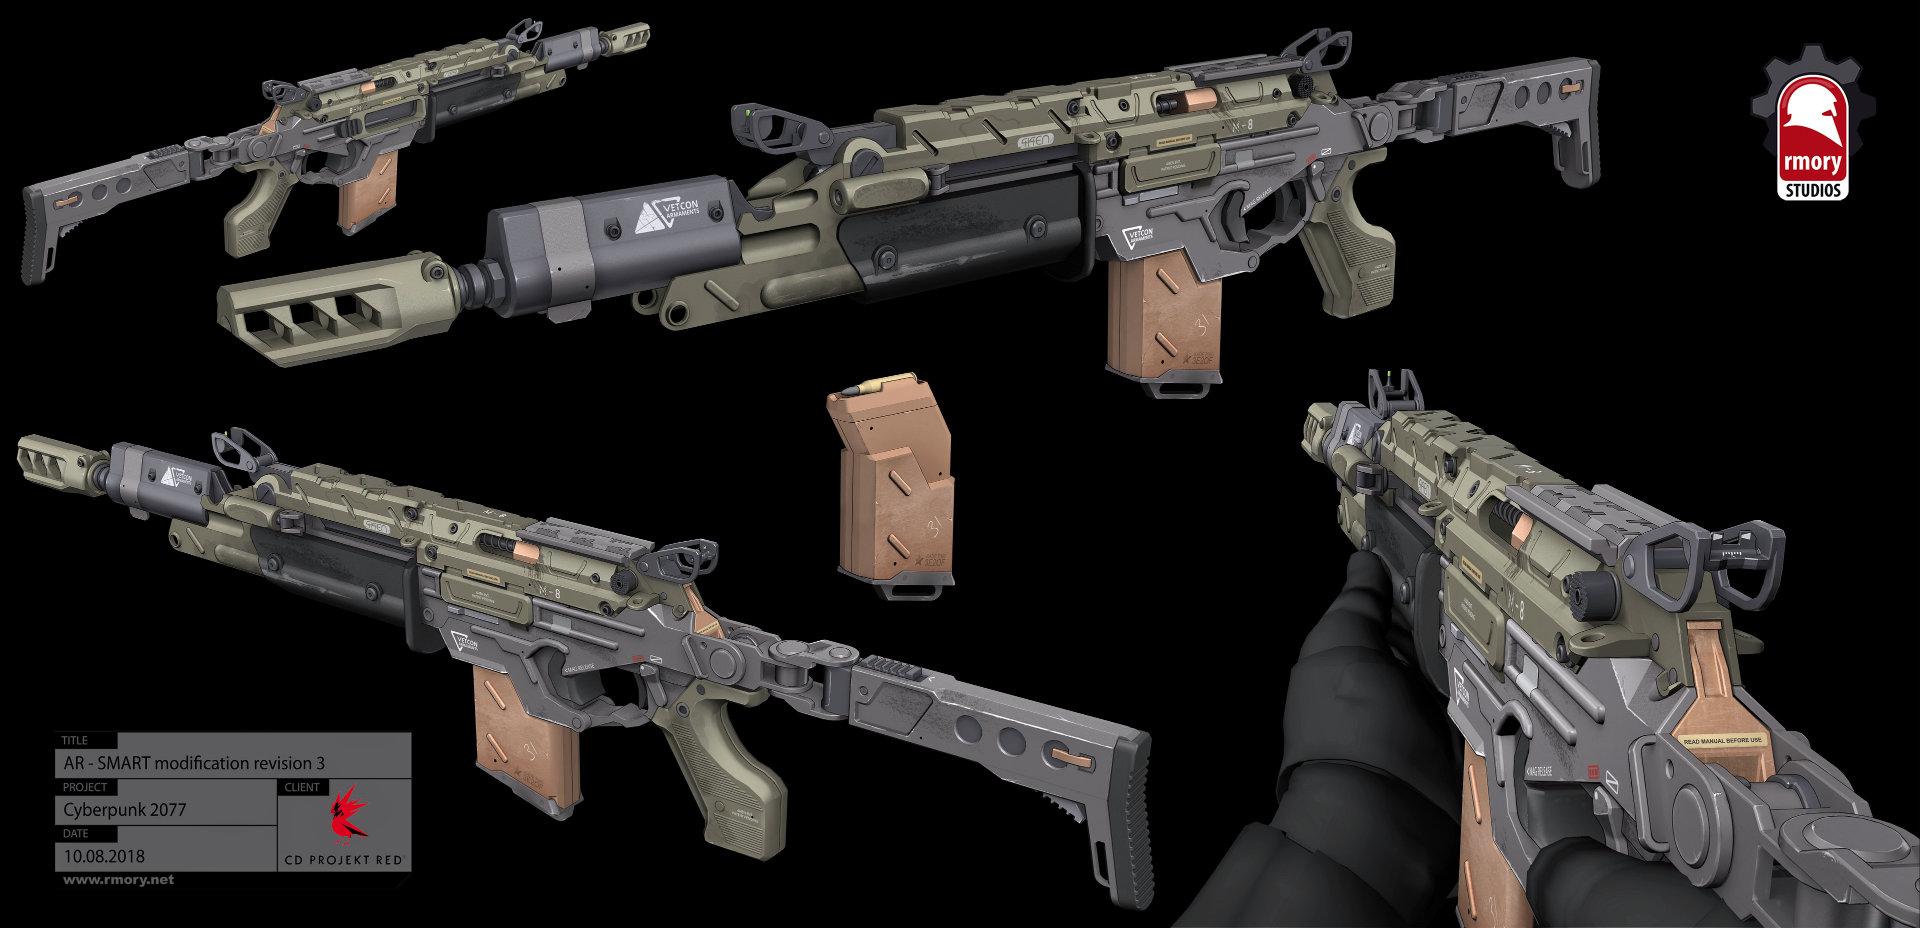 Quelle: Artstation - Kris Thaler - Cyberpunk 2077 AR Power 3D Modell